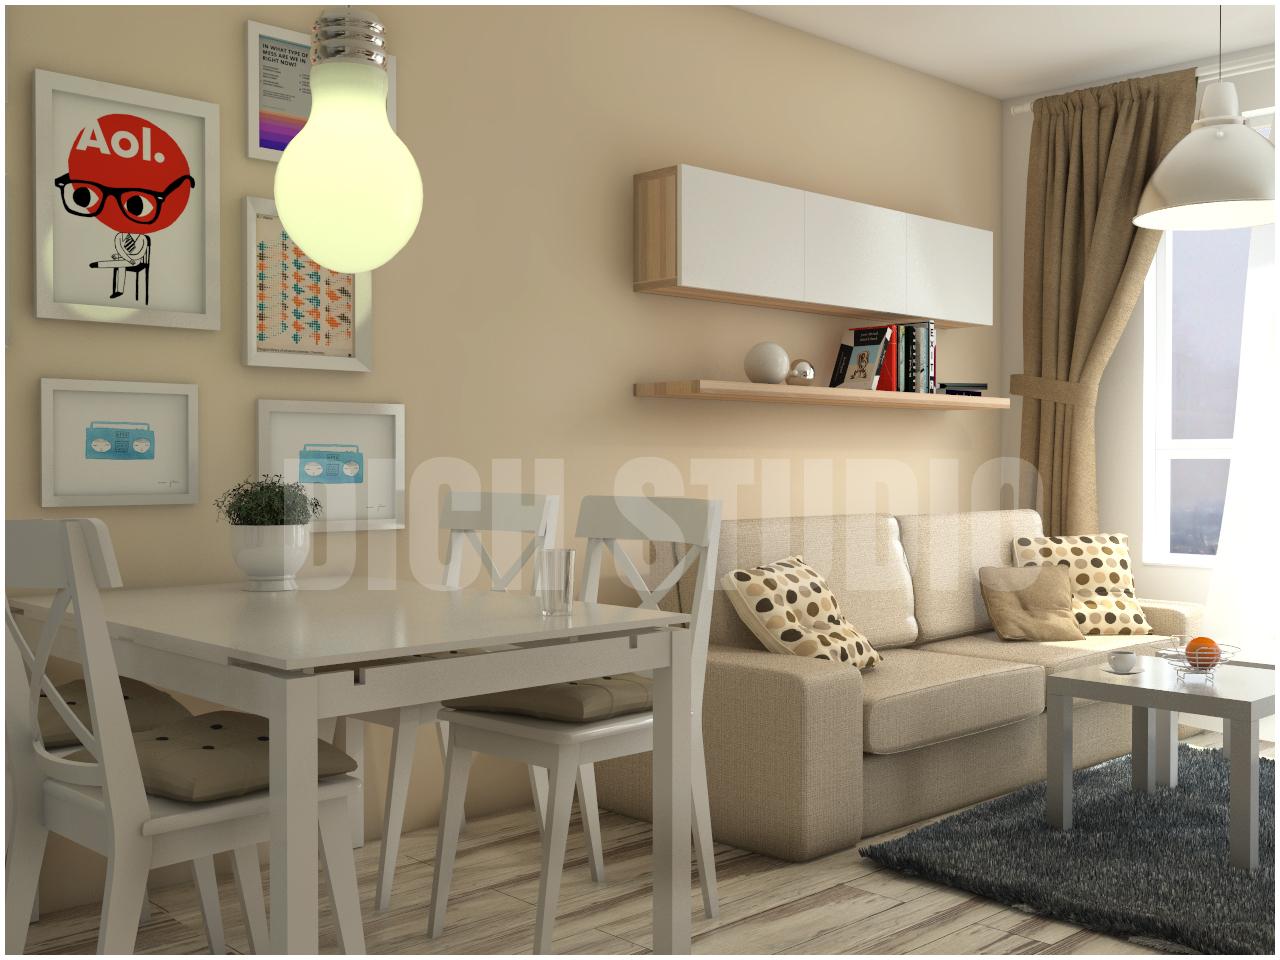 Living room interior design Mladost Sofia